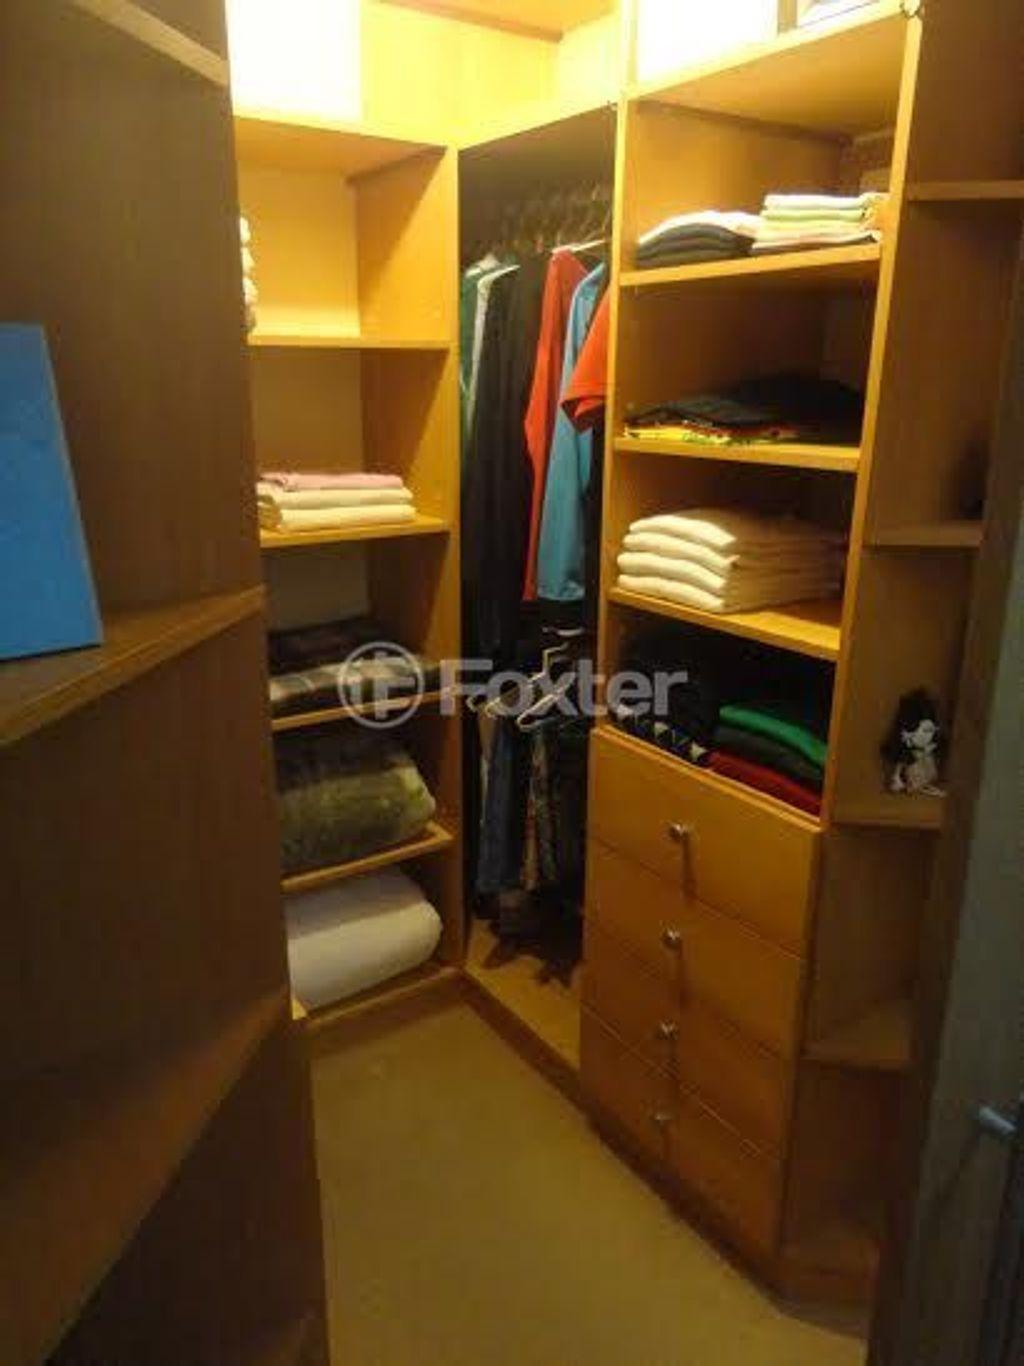 Apto 2 Dorm, São Sebastião, Porto Alegre (133377) - Foto 6